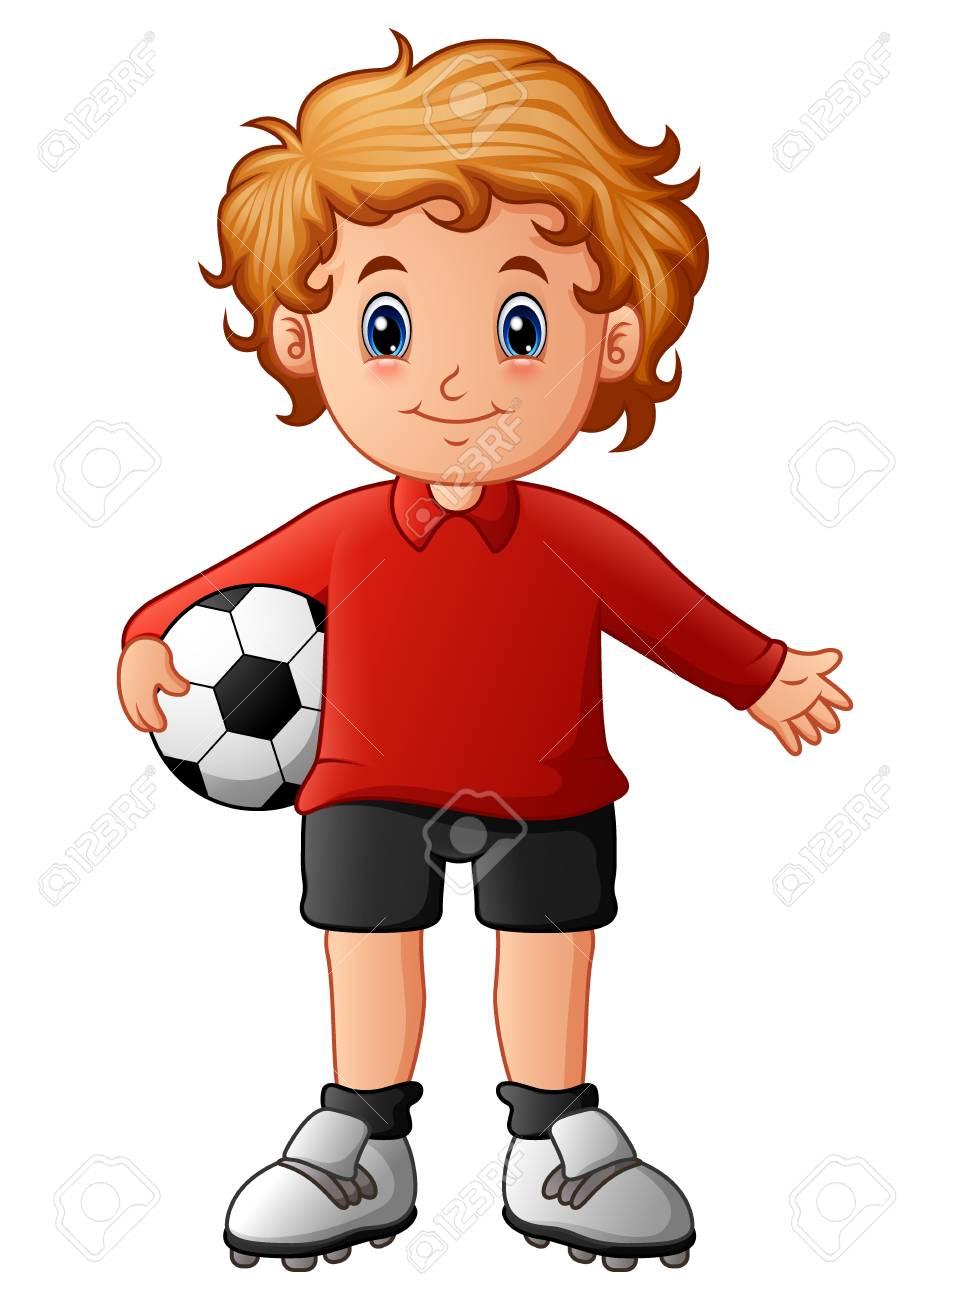 Nino De Dibujos Animados Con Balon De Futbol Fotos Retratos Imagenes Y Fotografia De Archivo Libres De Derecho Image 88704604